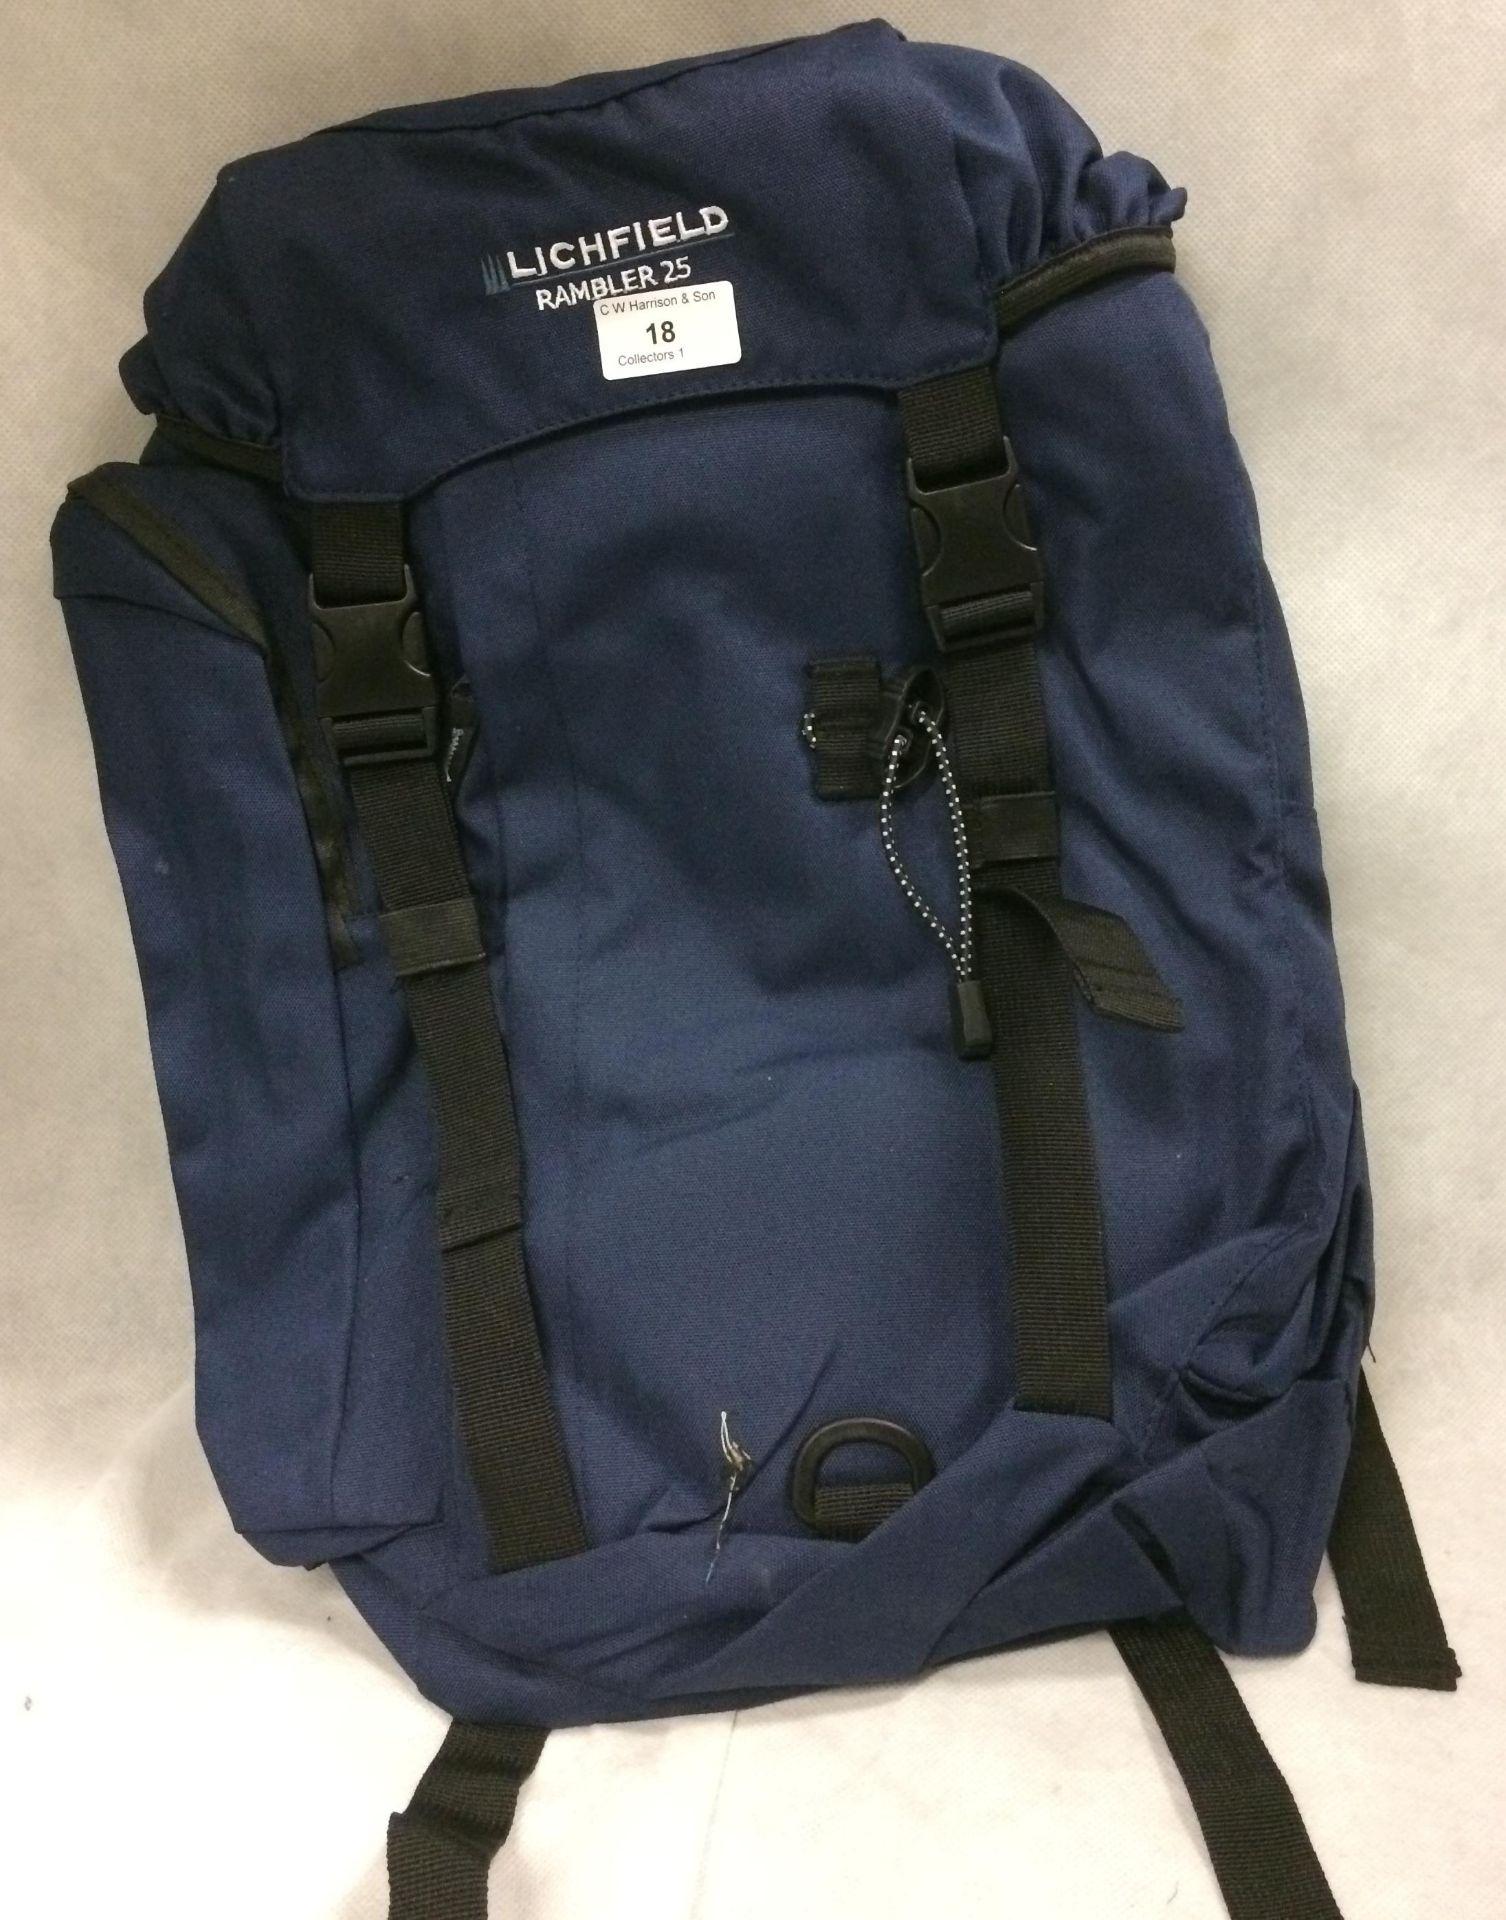 Lichfield Rambler rucksack in navy